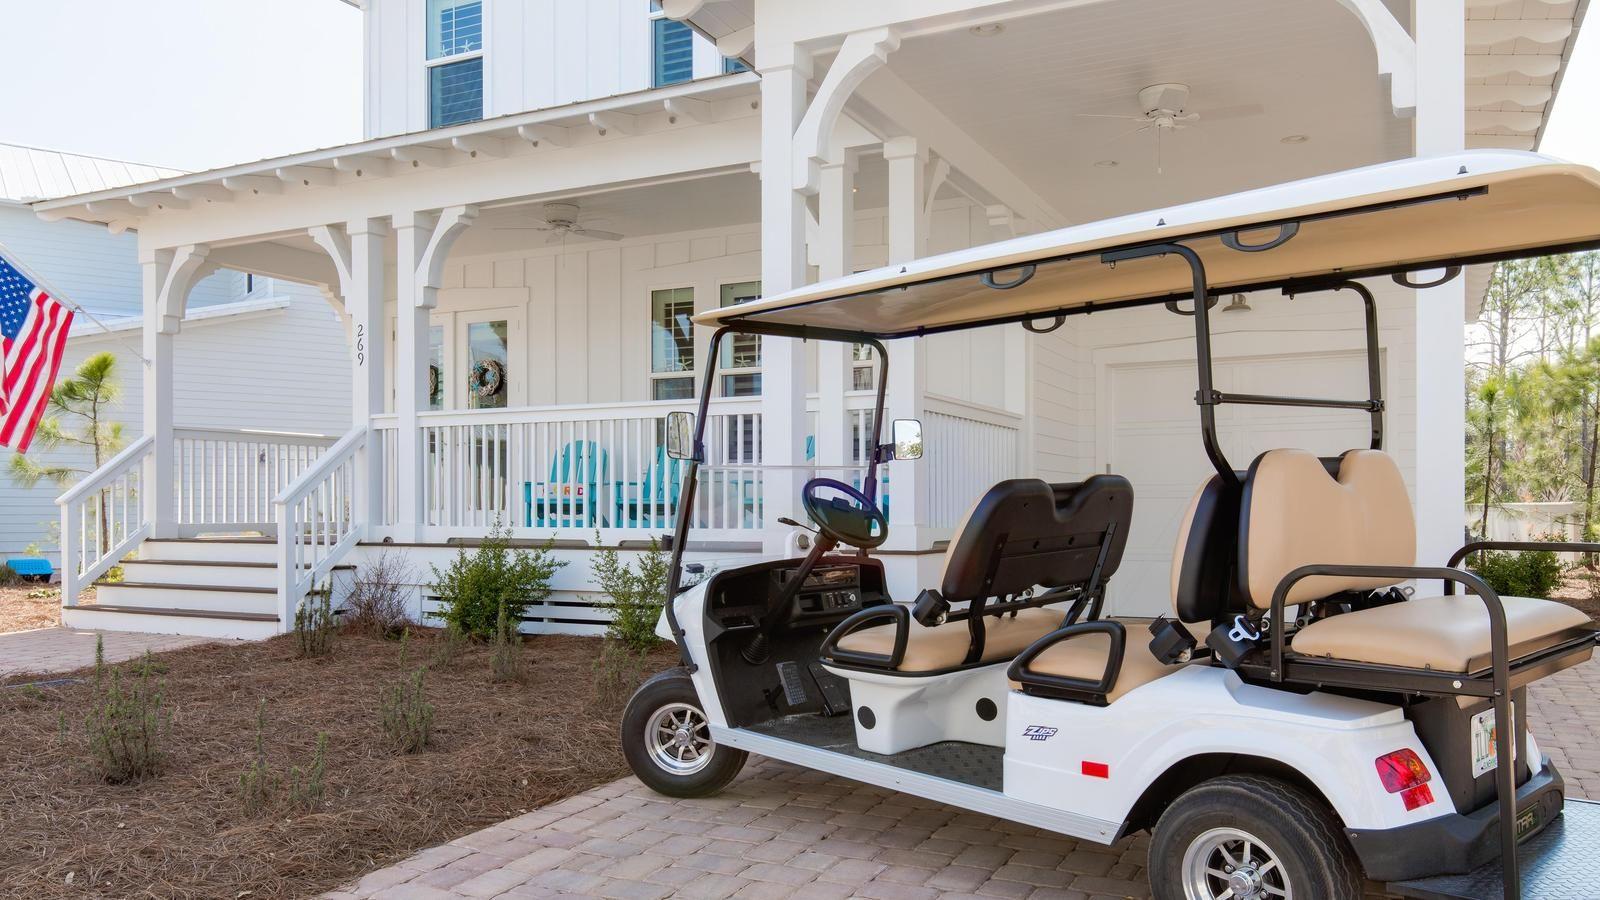 Naturewalk in the key of sea golf cart destin 30a